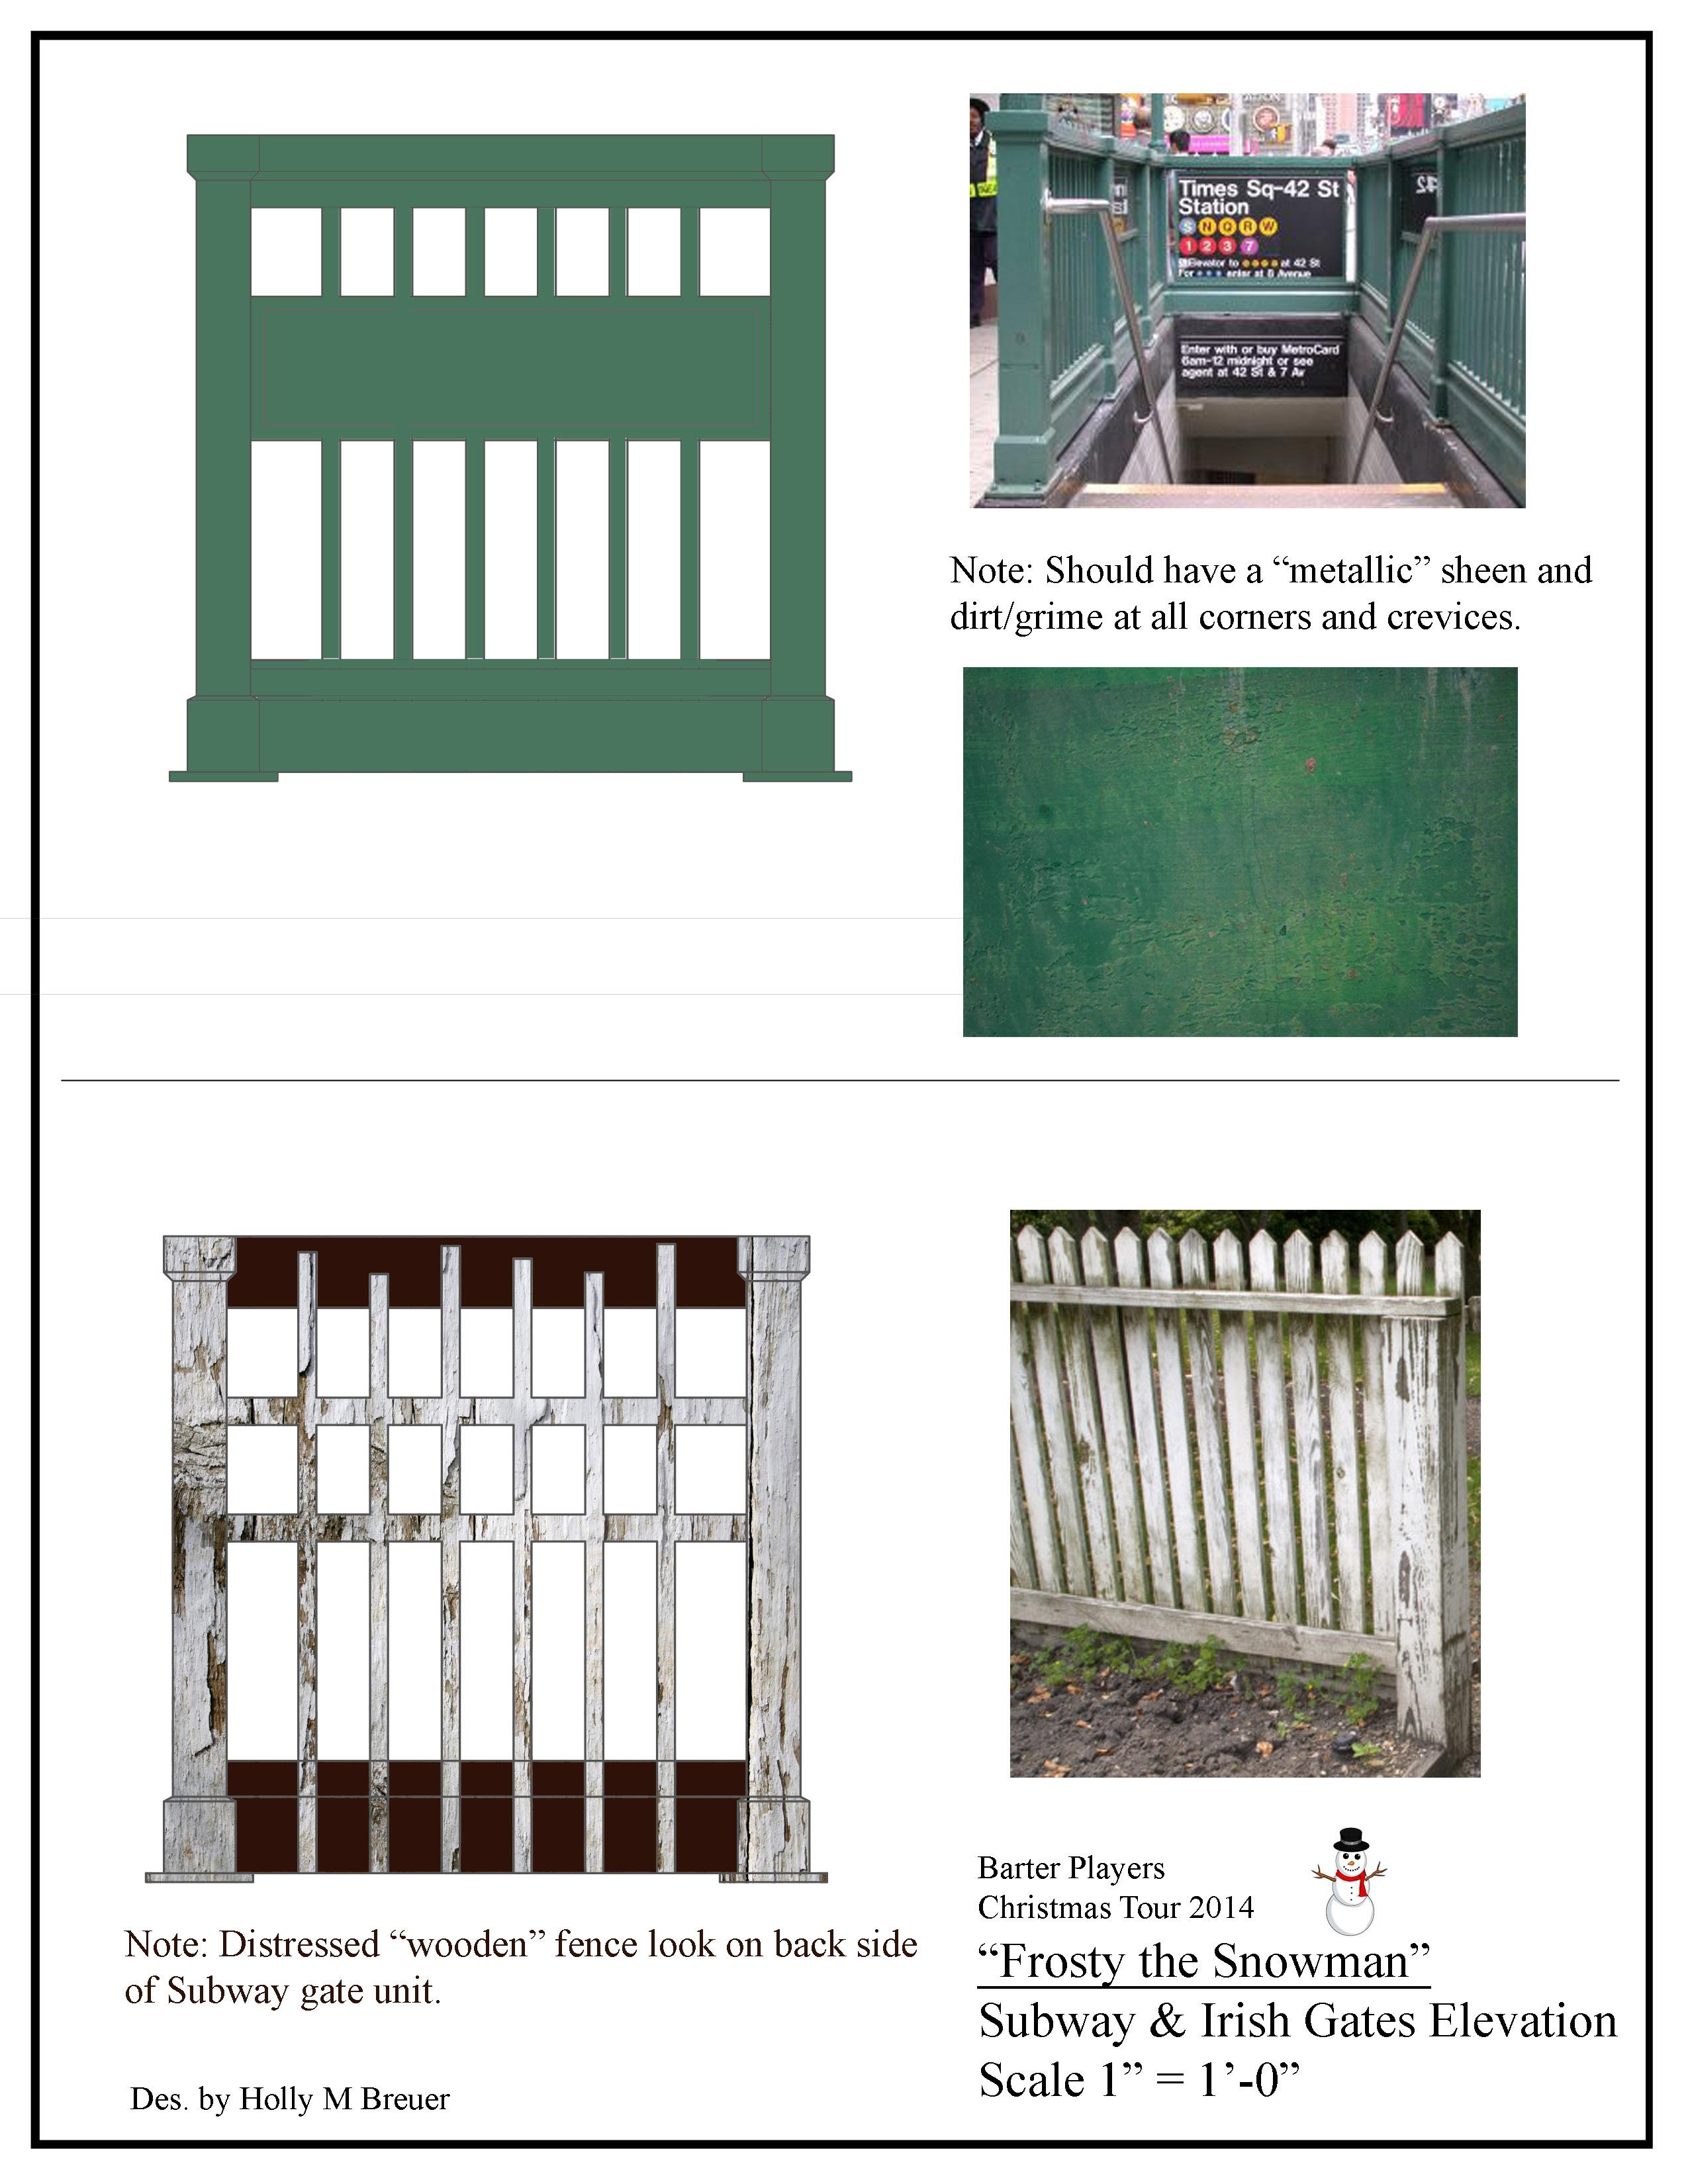 Subway and Irish Gates Elevation